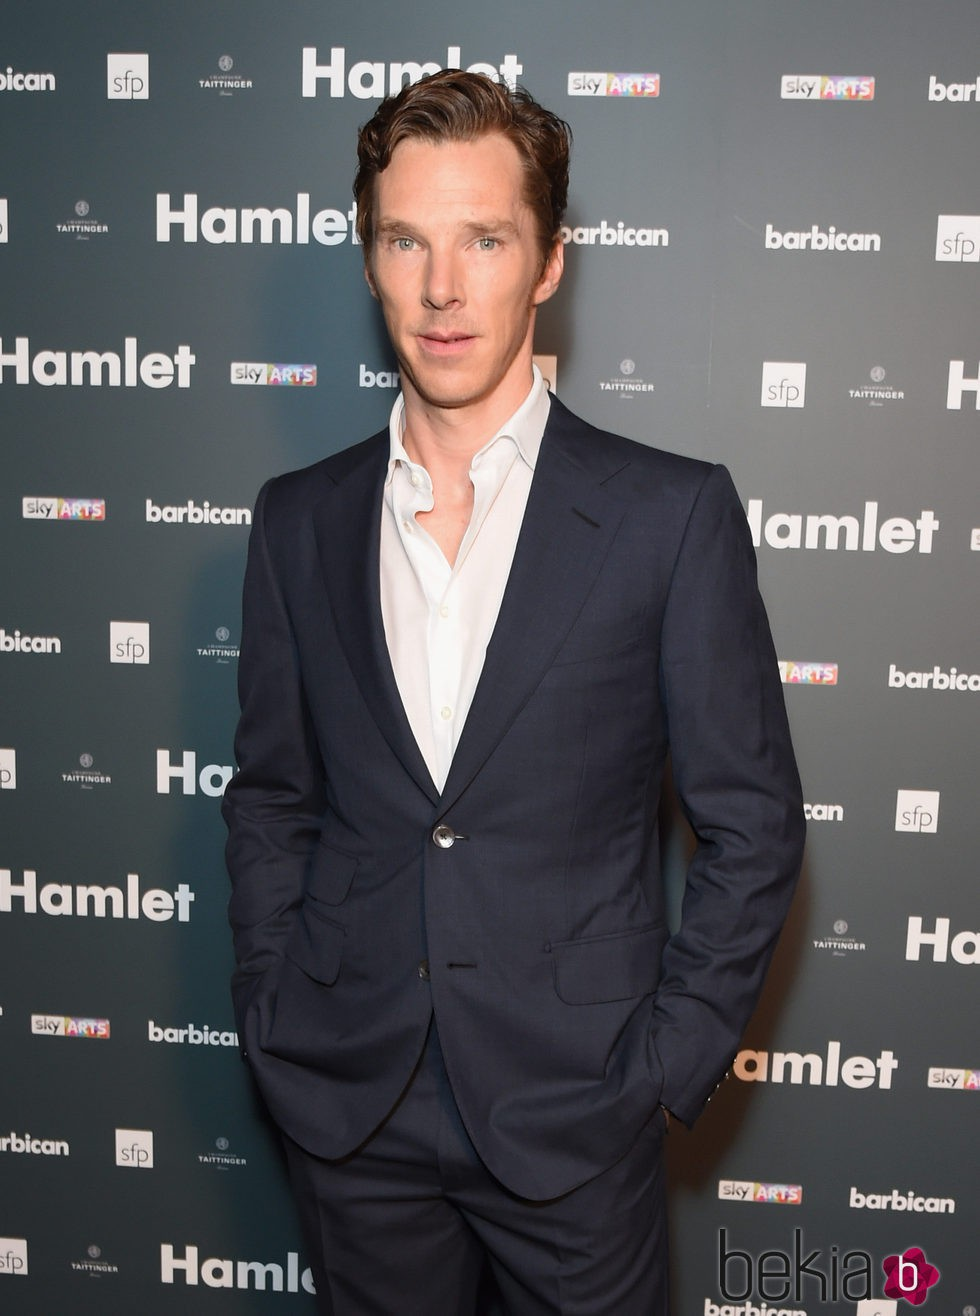 Benedict Cumberbatch en la fiesta posterior al pase para la prensa de la obra 'Hamlet'